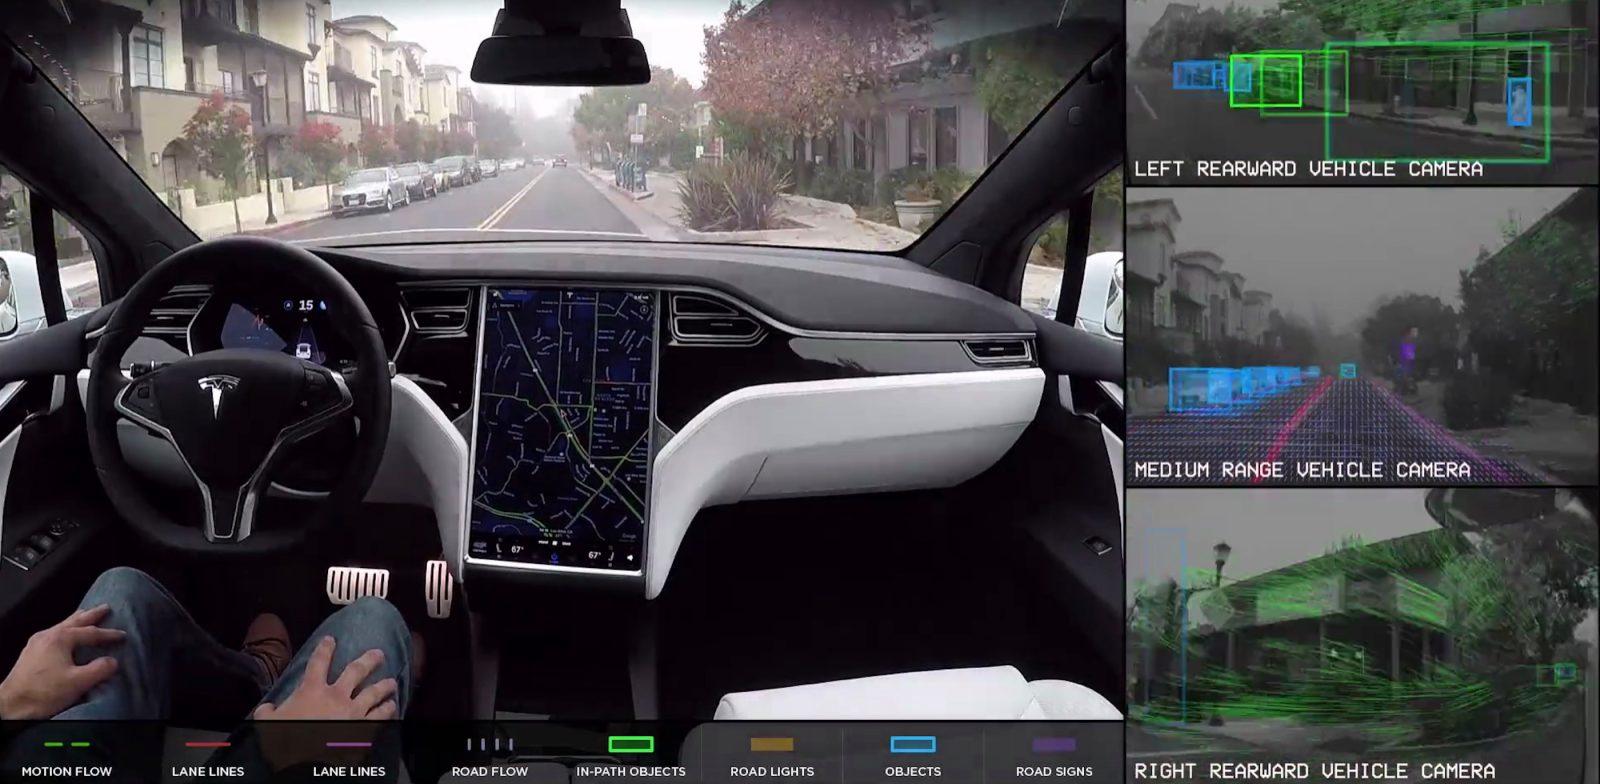 Image de l'Autopilot Tesla